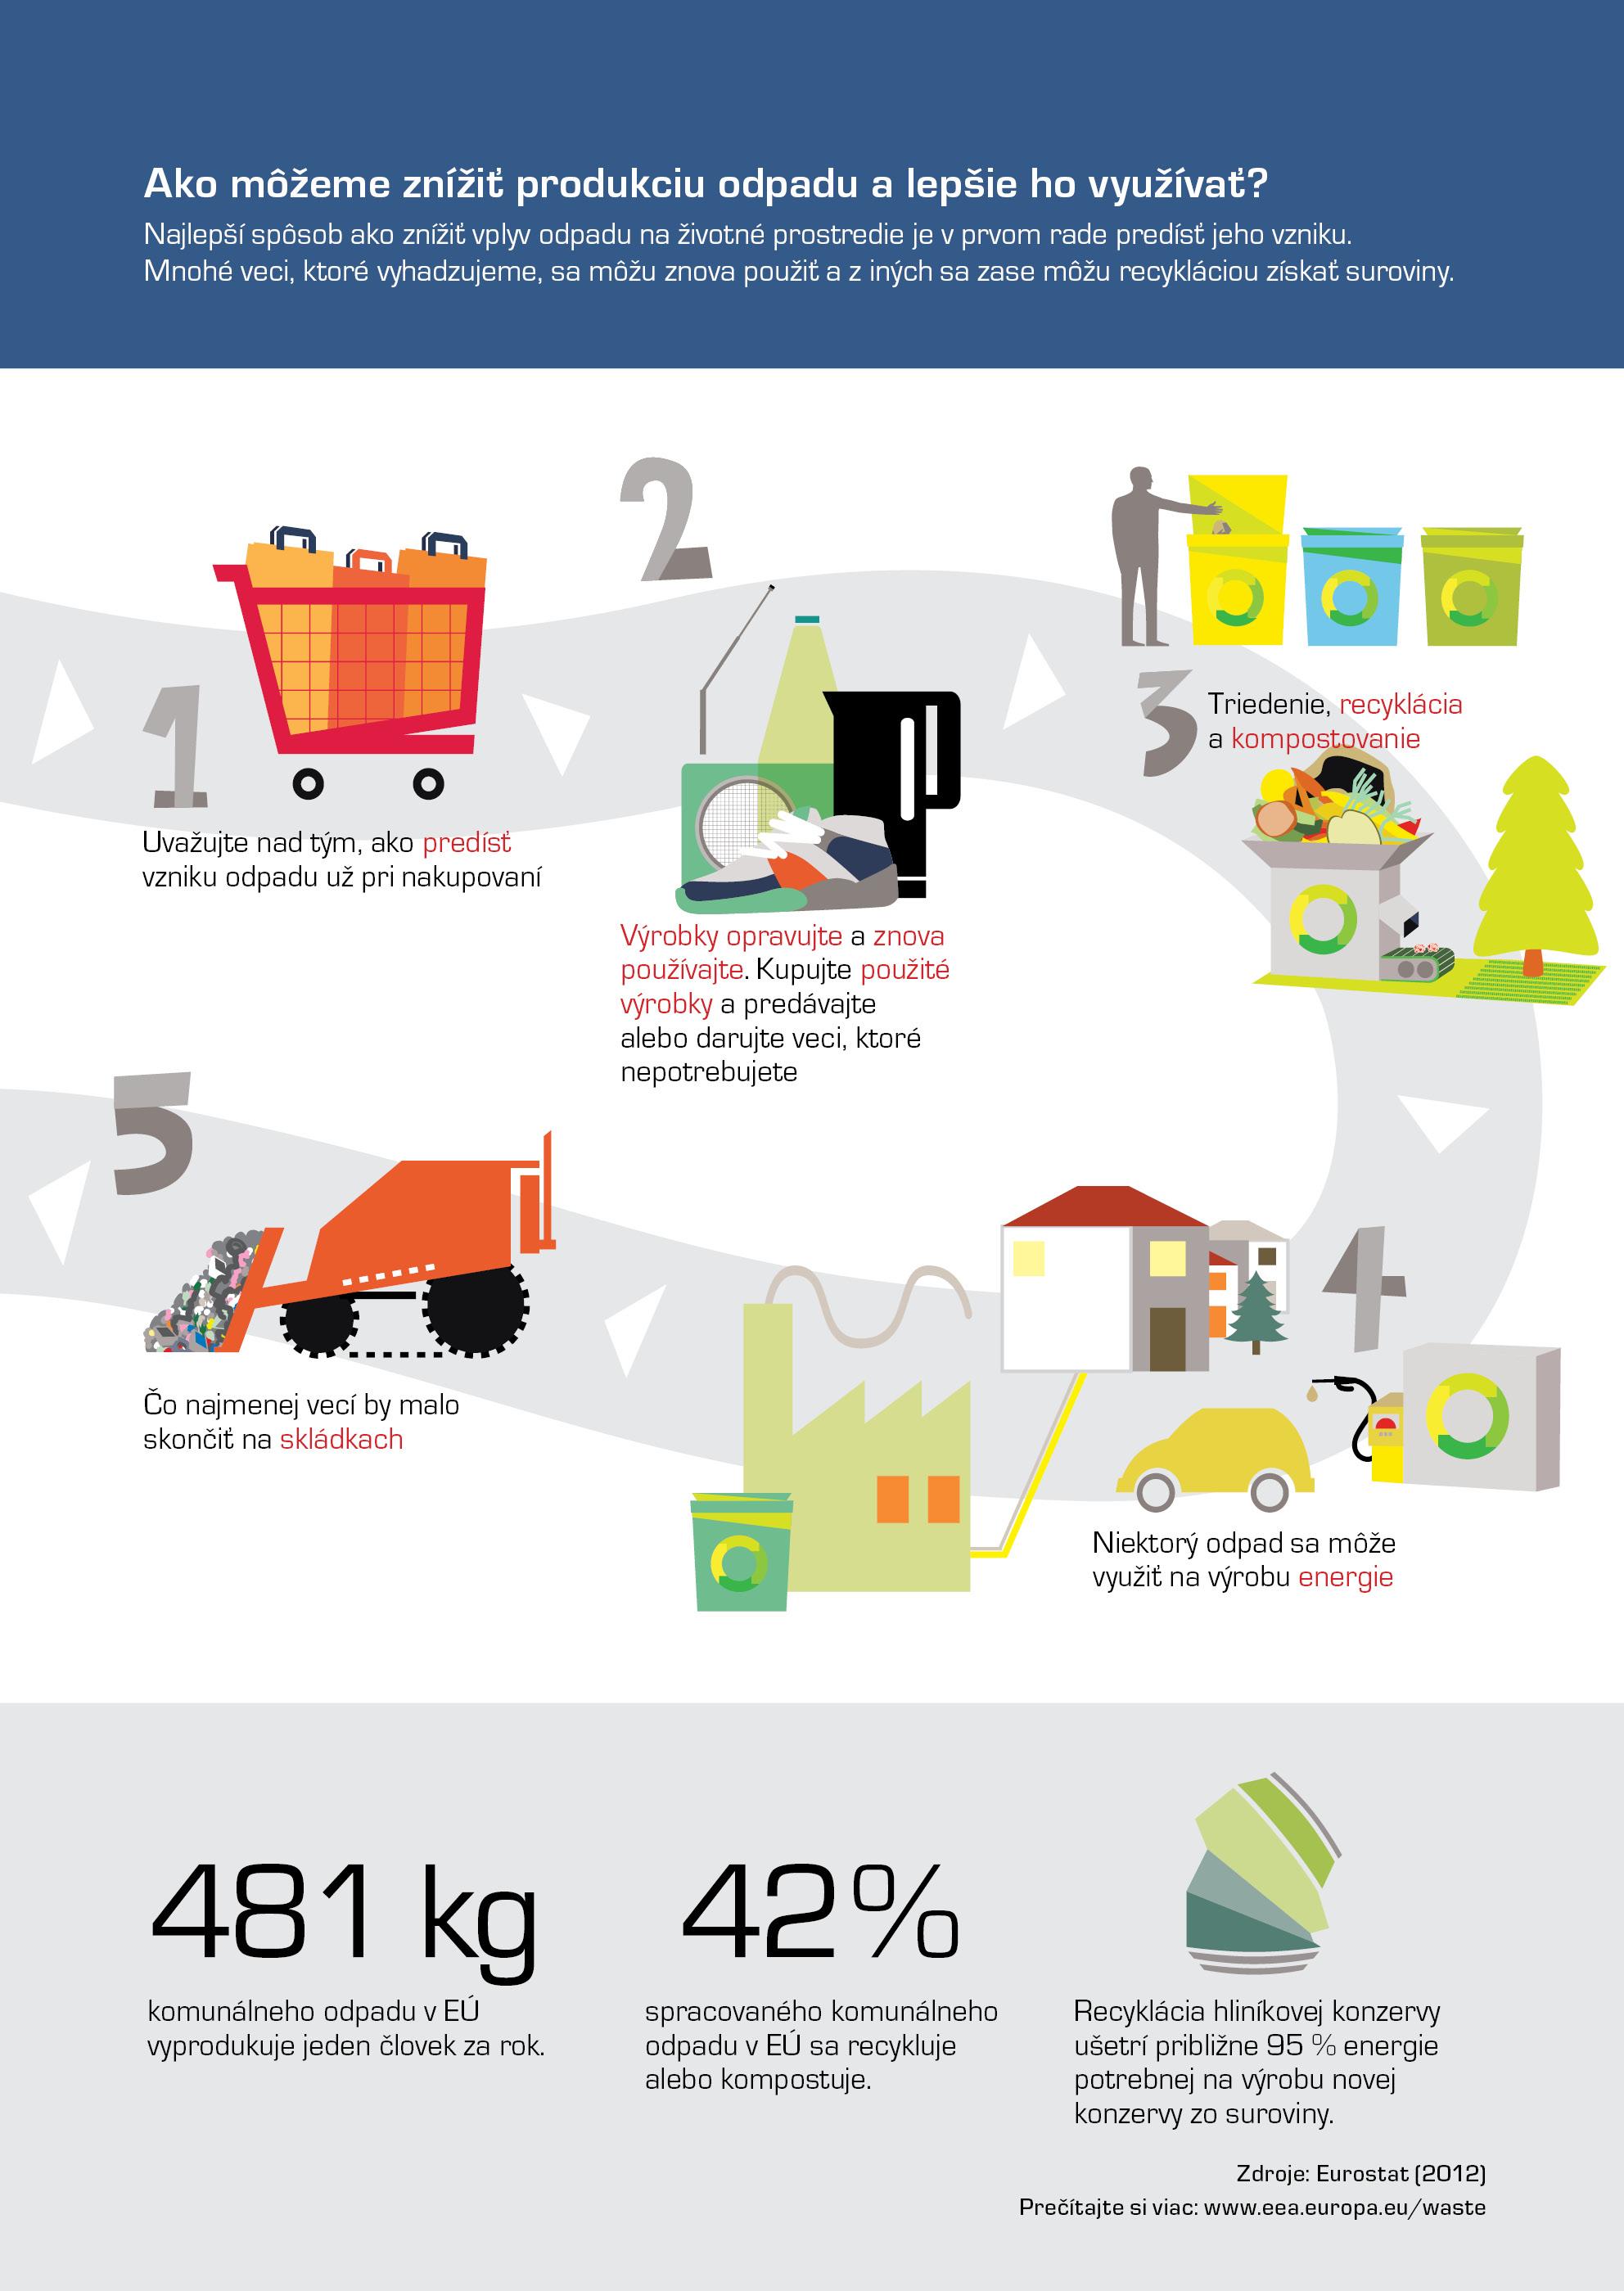 Ako môžeme znížiť produkciu odpadu a lepšie ho využívať?